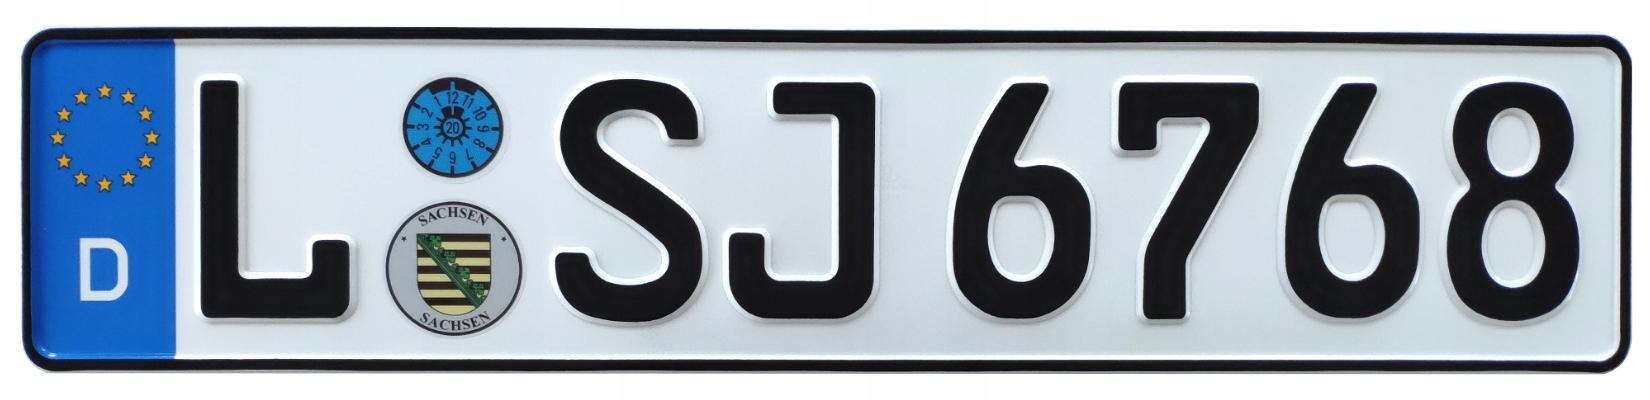 Немецкие номерные знаки наклейки бесплатно